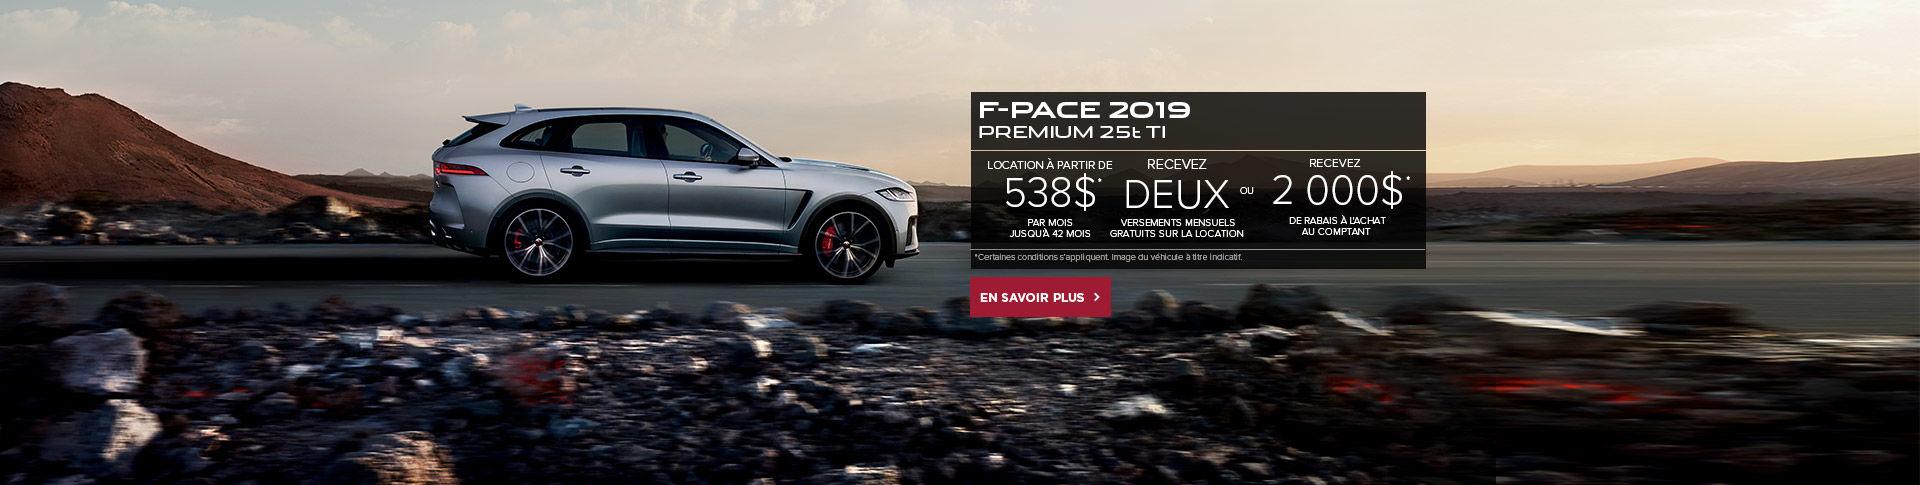 LE F-PACE PREMIUM 25T 2019